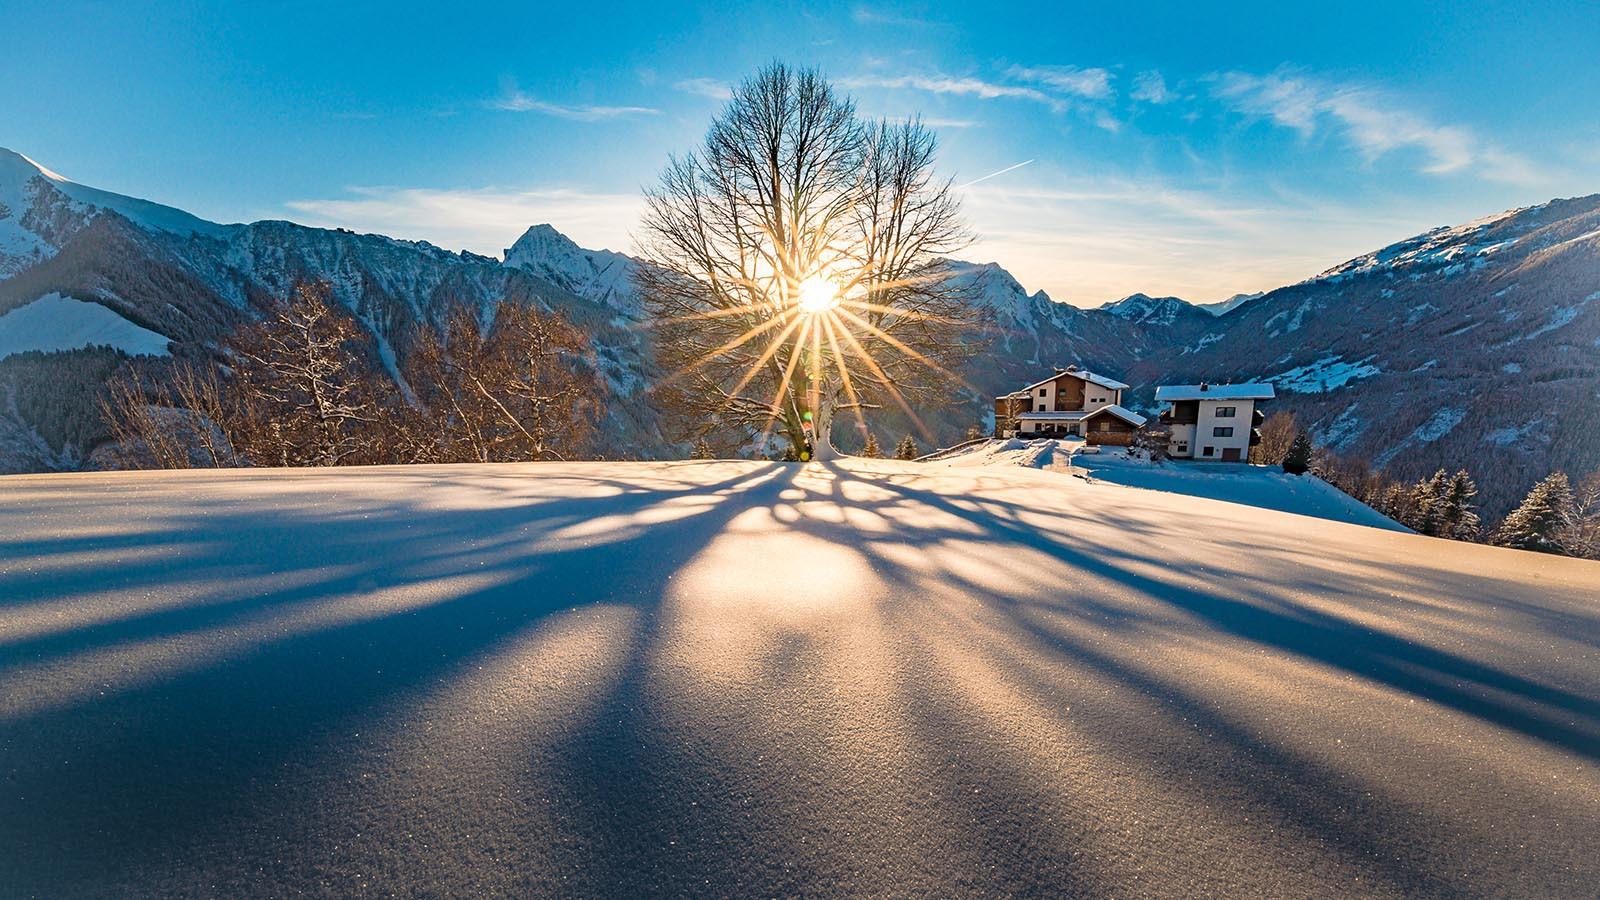 Landscapes in Mayrhofen